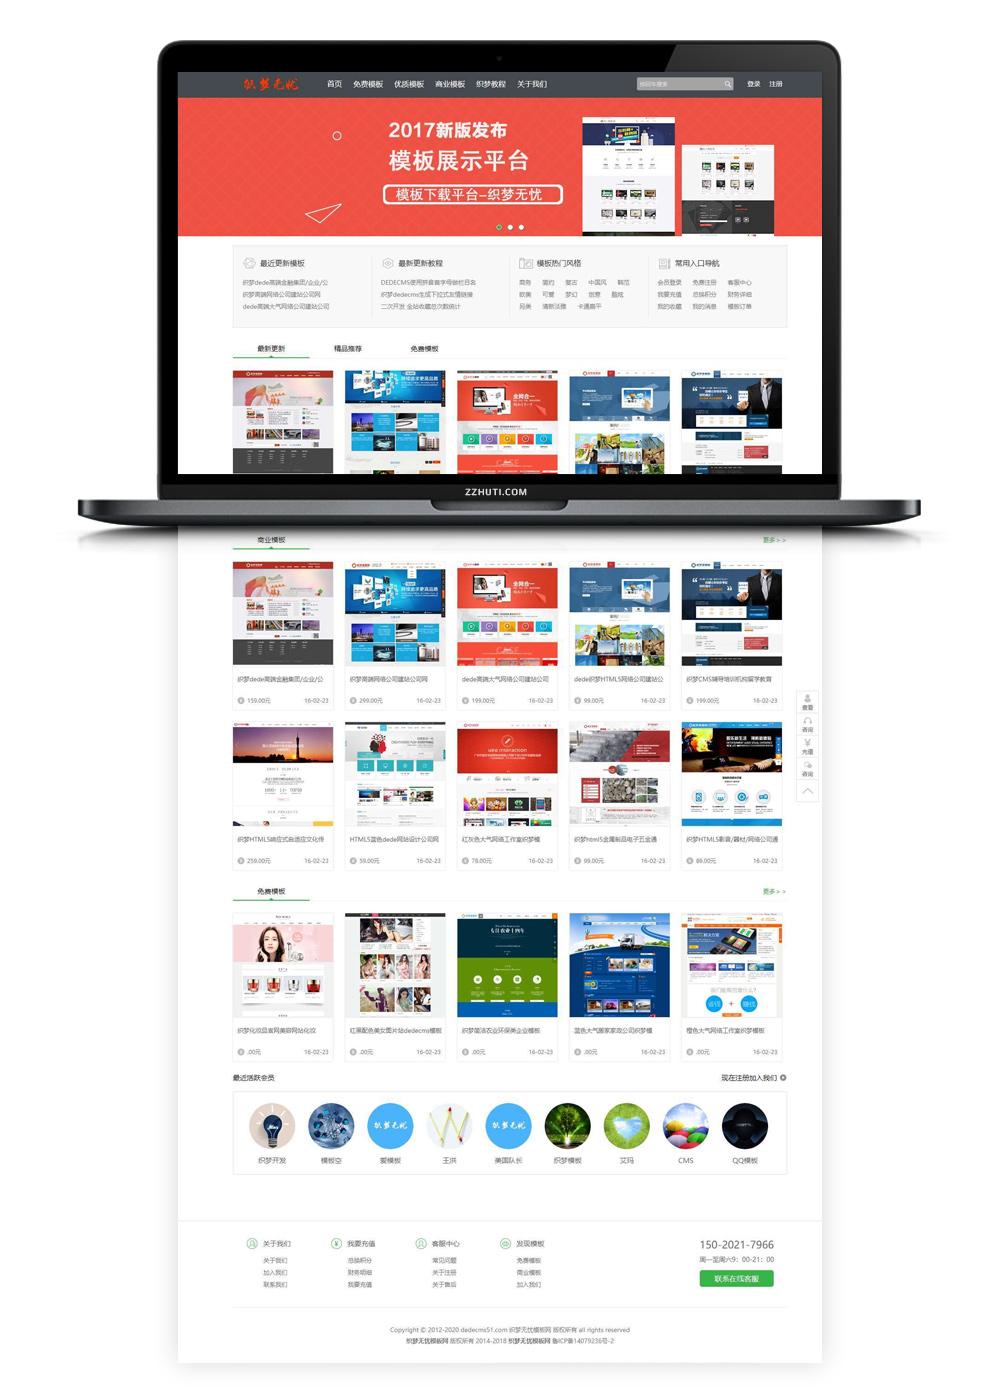 【织梦资源站模板】虚拟资源付费下载销售DEDECMS网站源码自适应手机WAP端-找主题源码